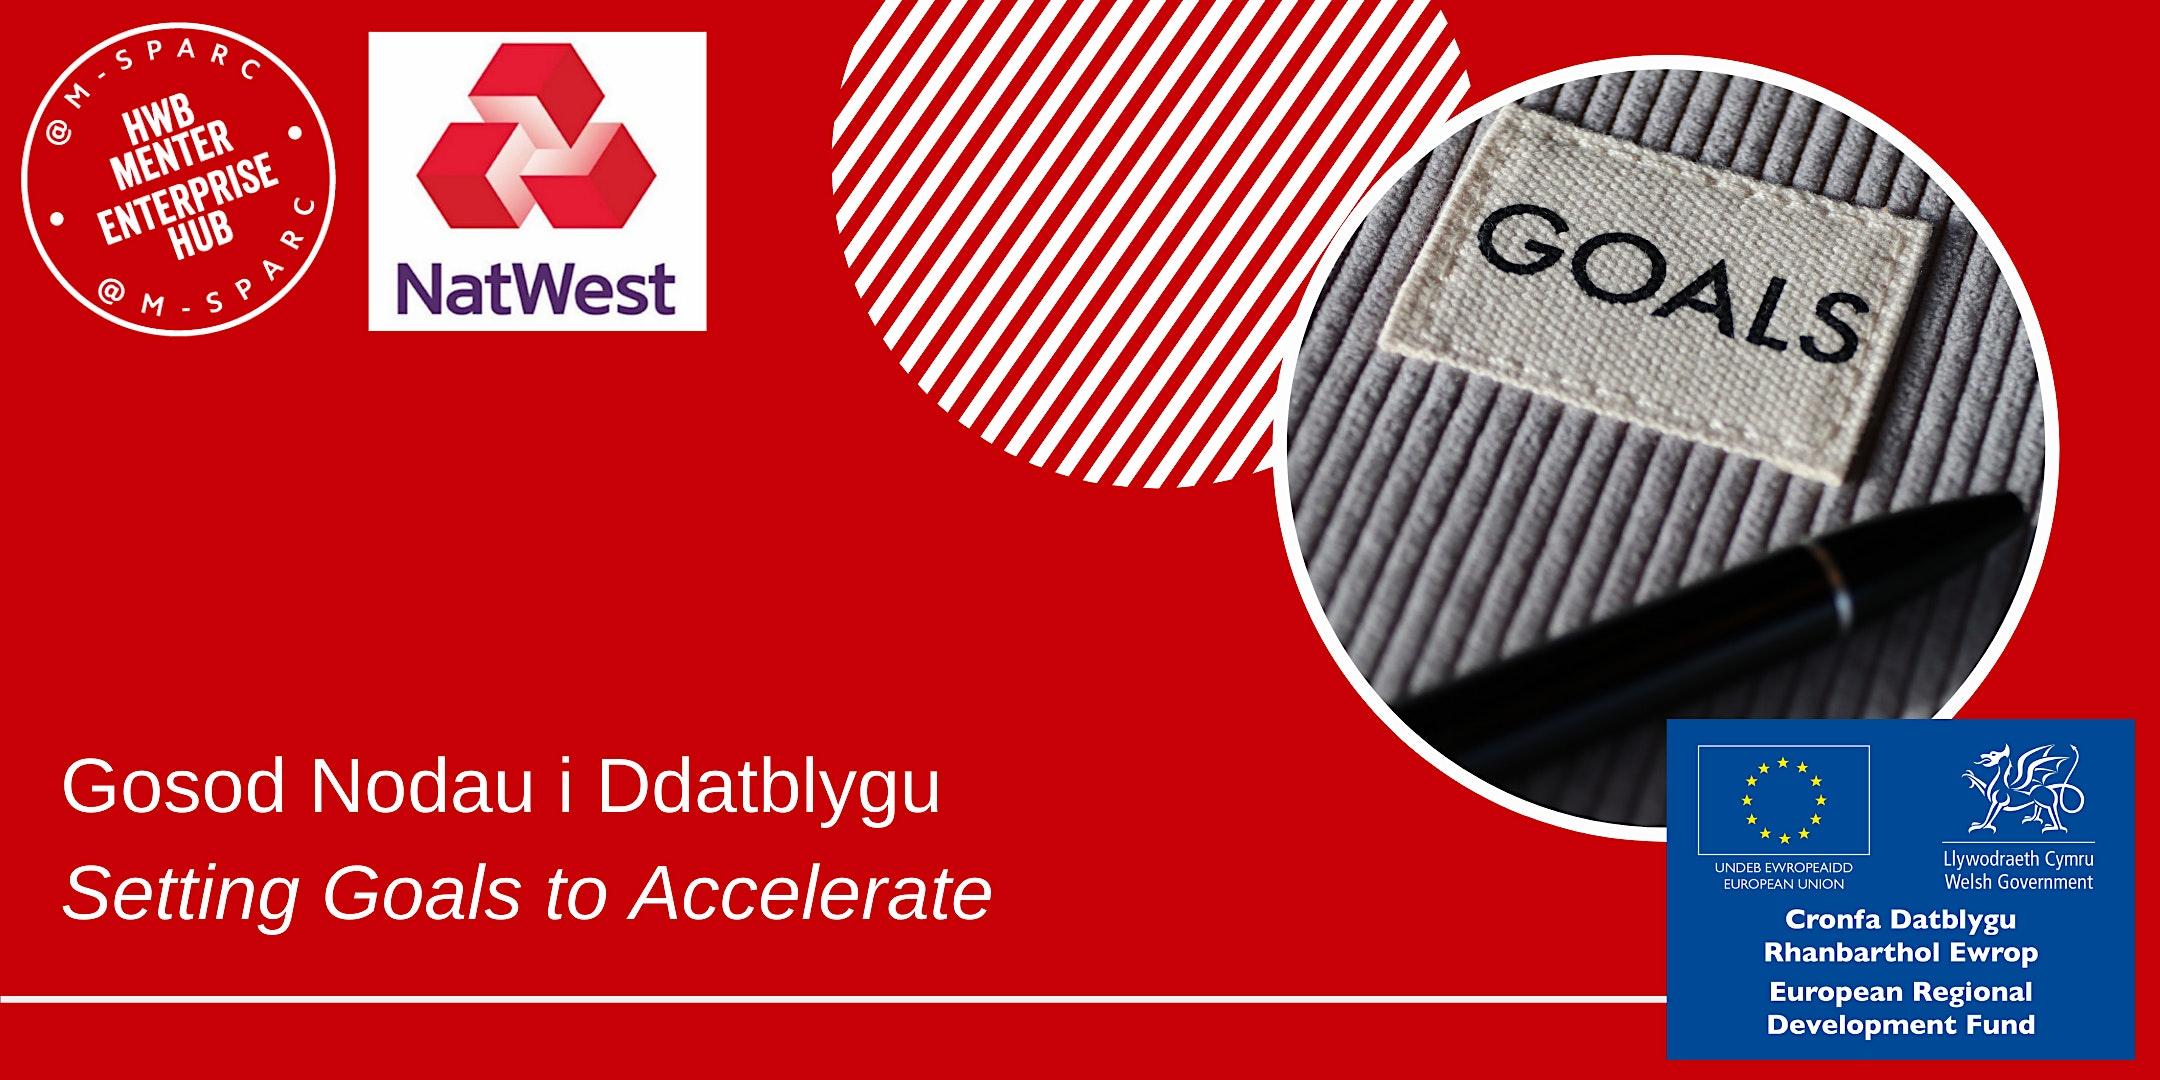 ONLINE - Gosod Nodau i Ddatblygu / Setting Goals to Accelerate